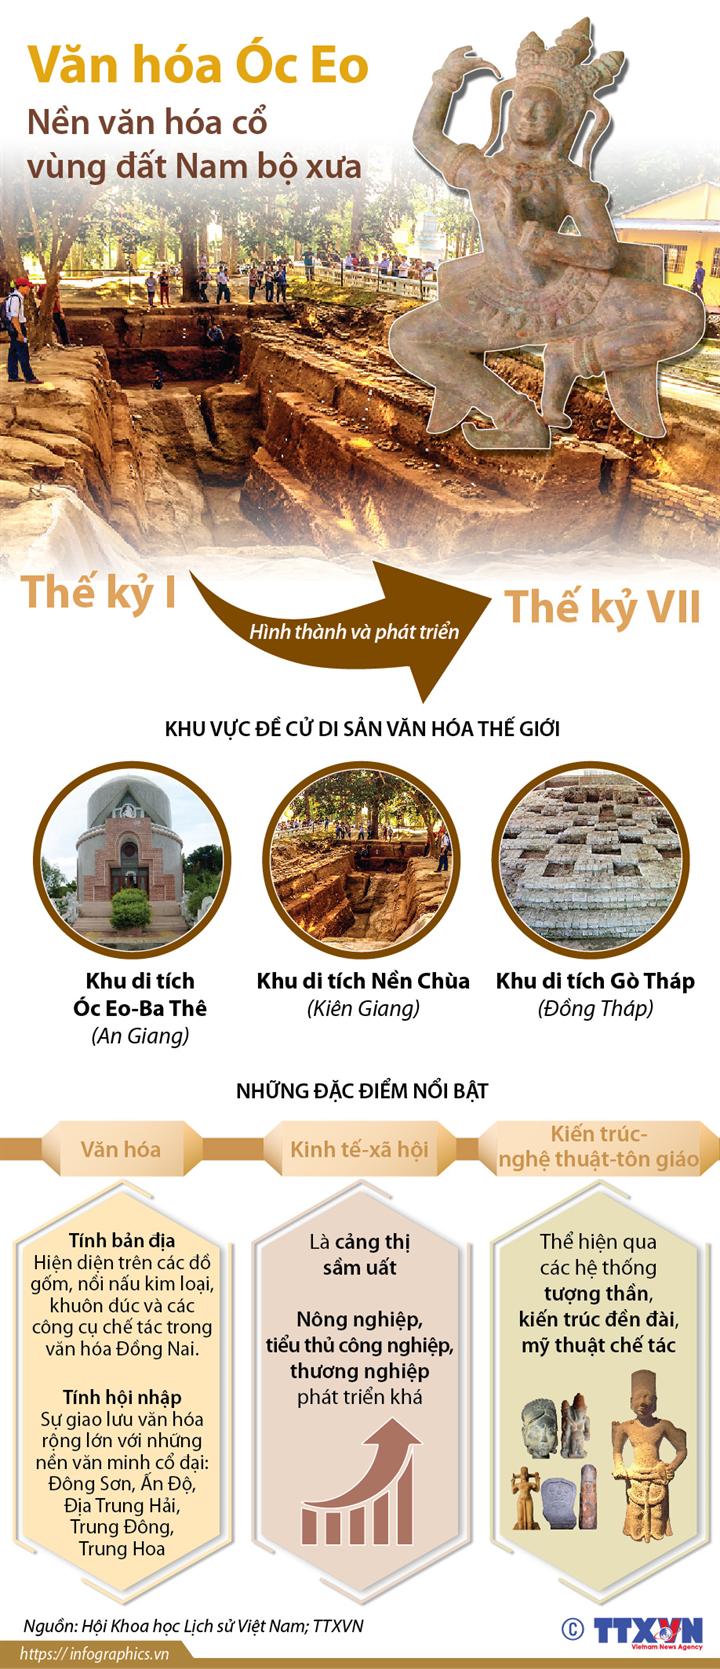 Văn hóa Óc Eo: Nền văn hóa cổ vùng đất Nam bộ xưa